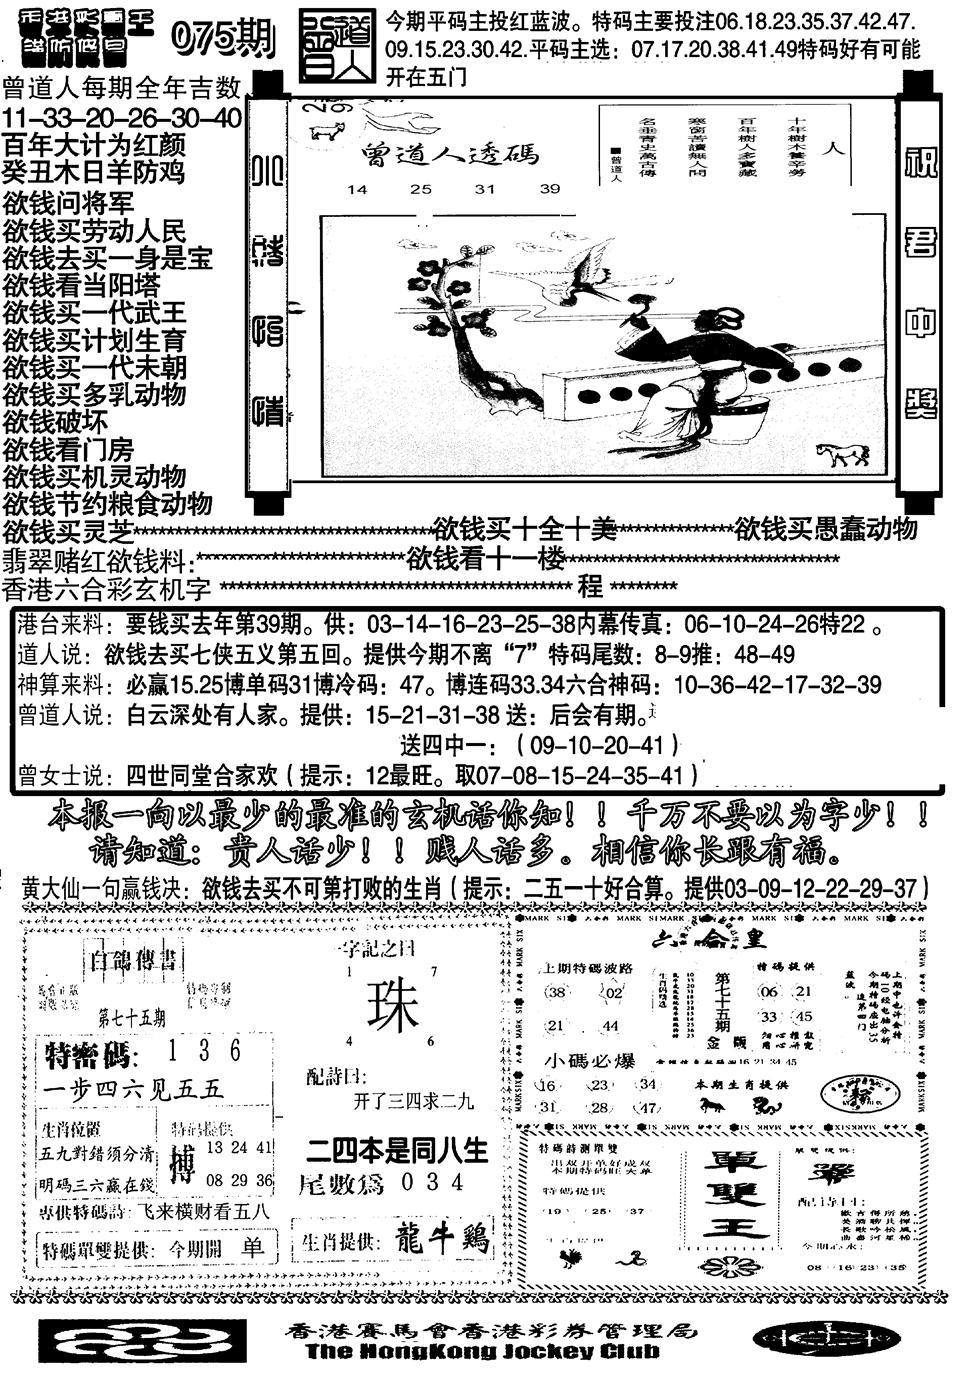 075期大刀彩霸王B(黑白)